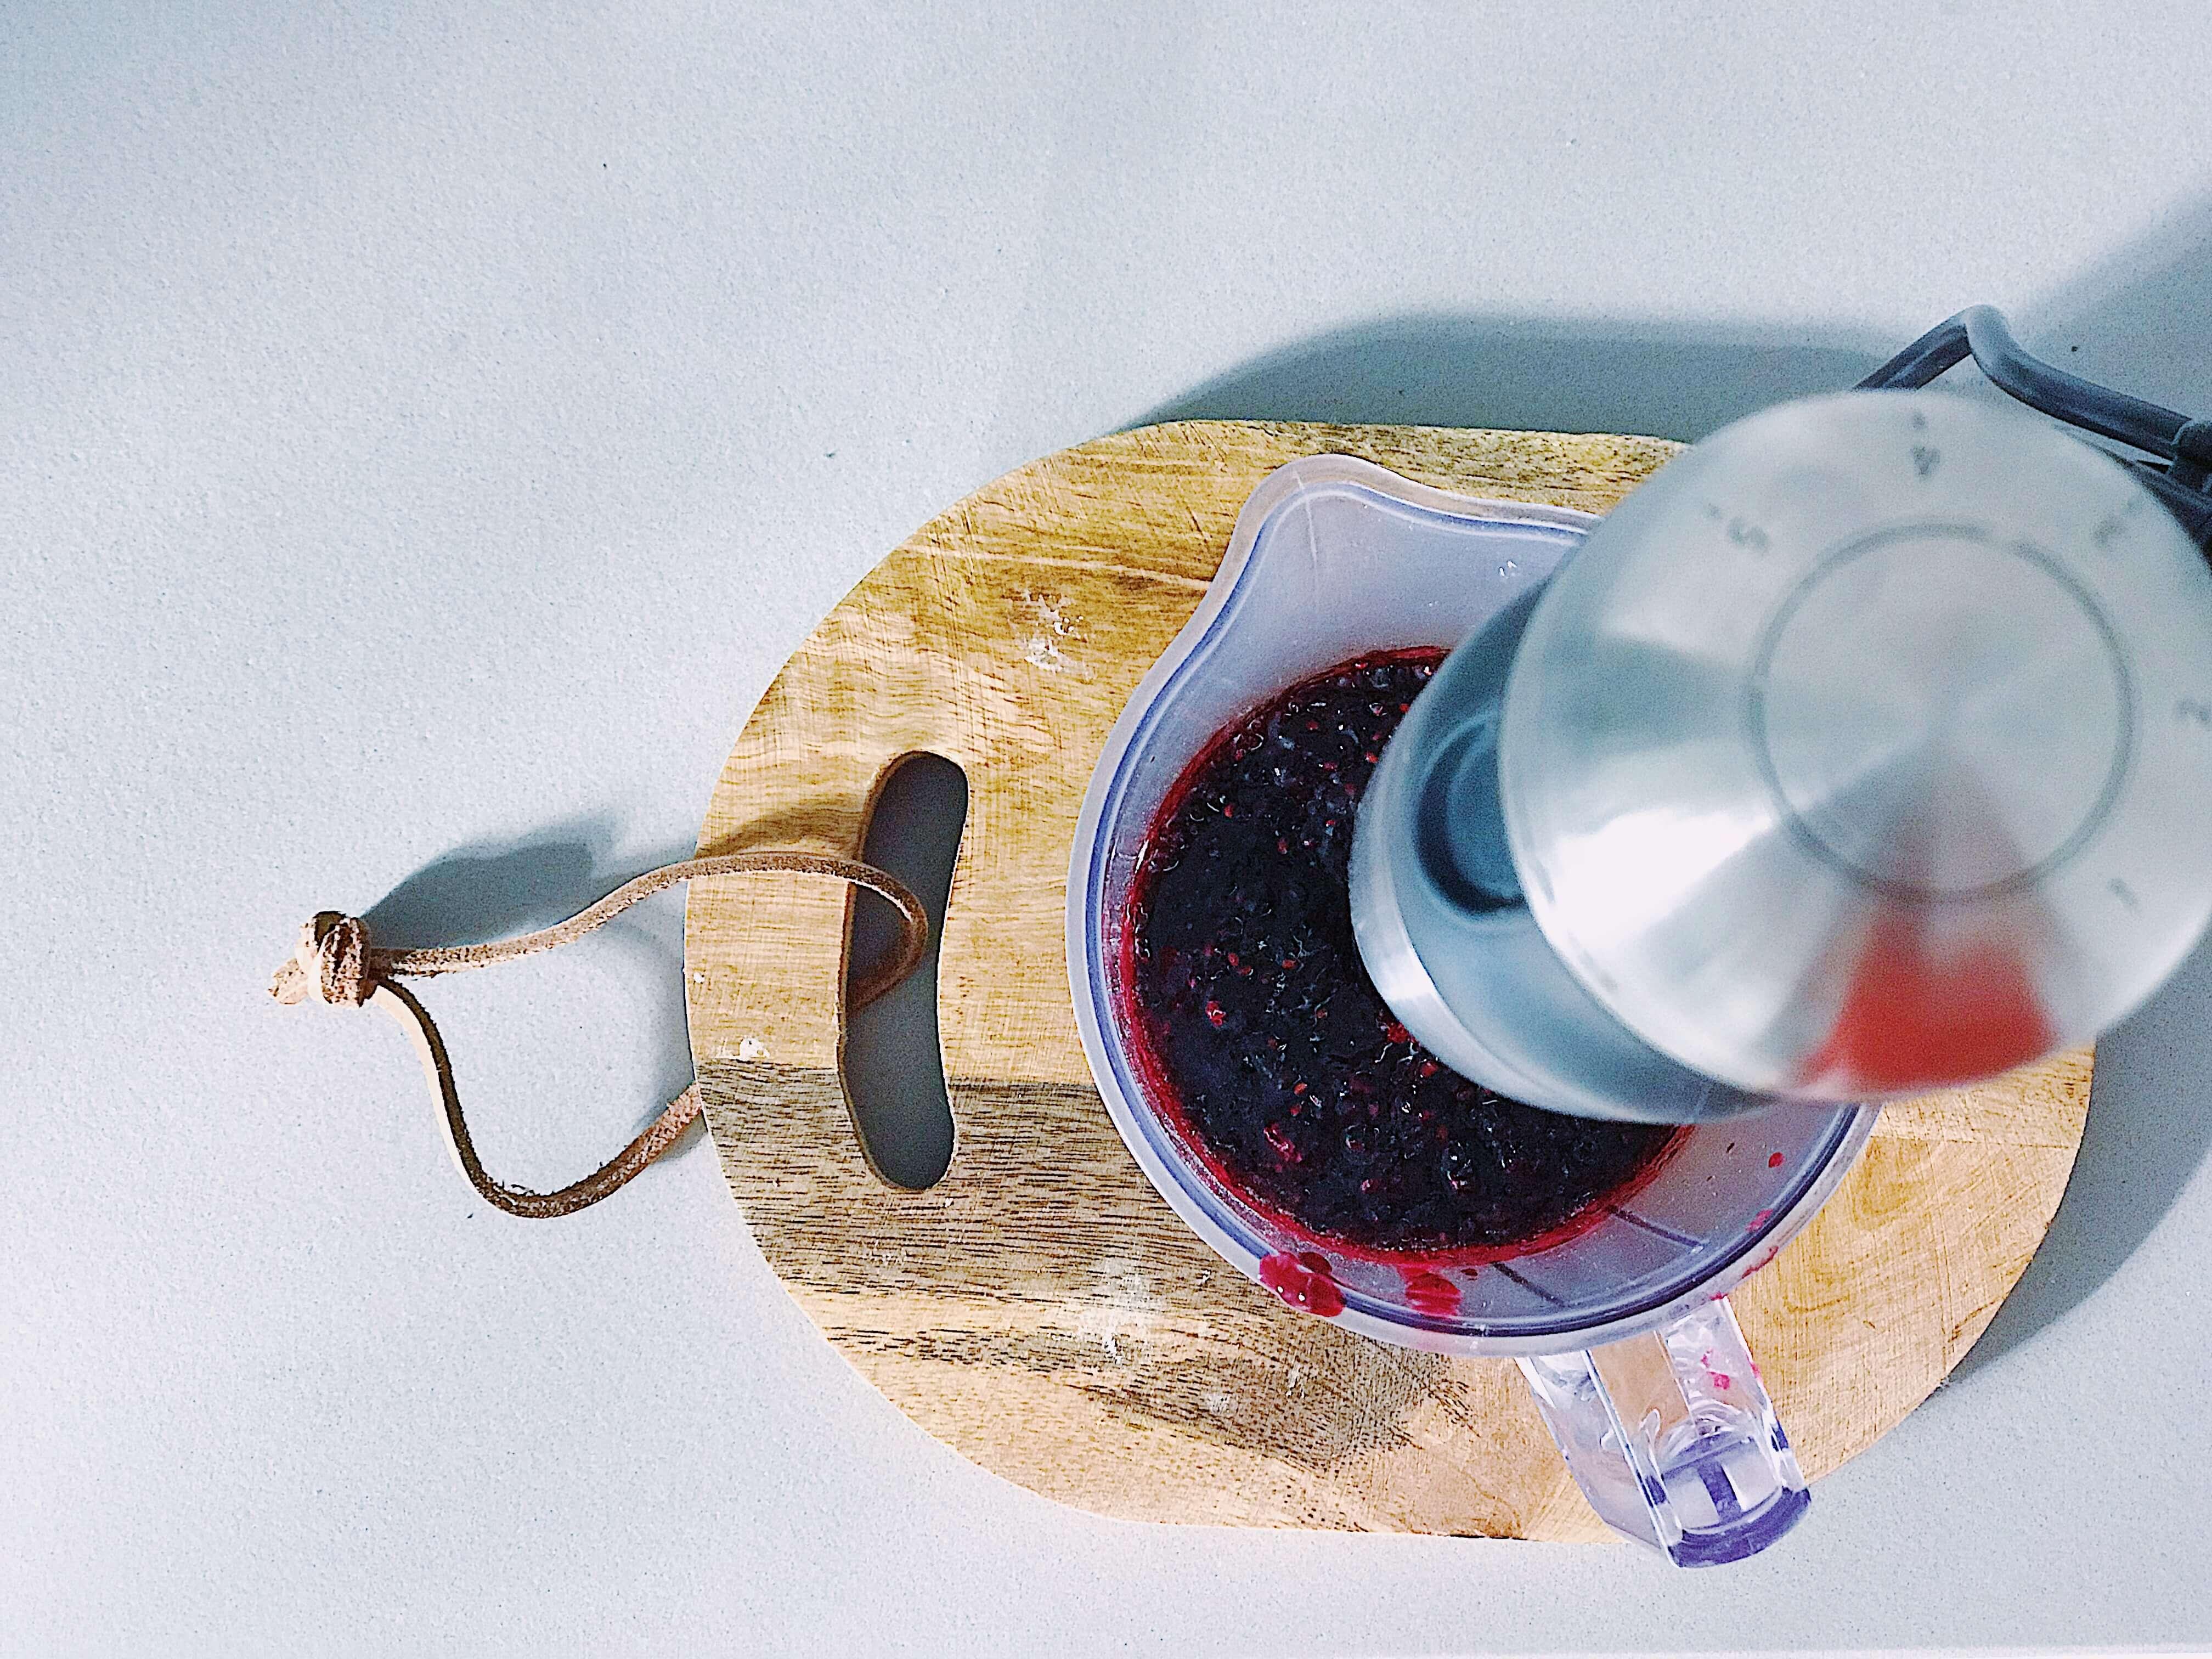 Kitchen aid frullatore immersione